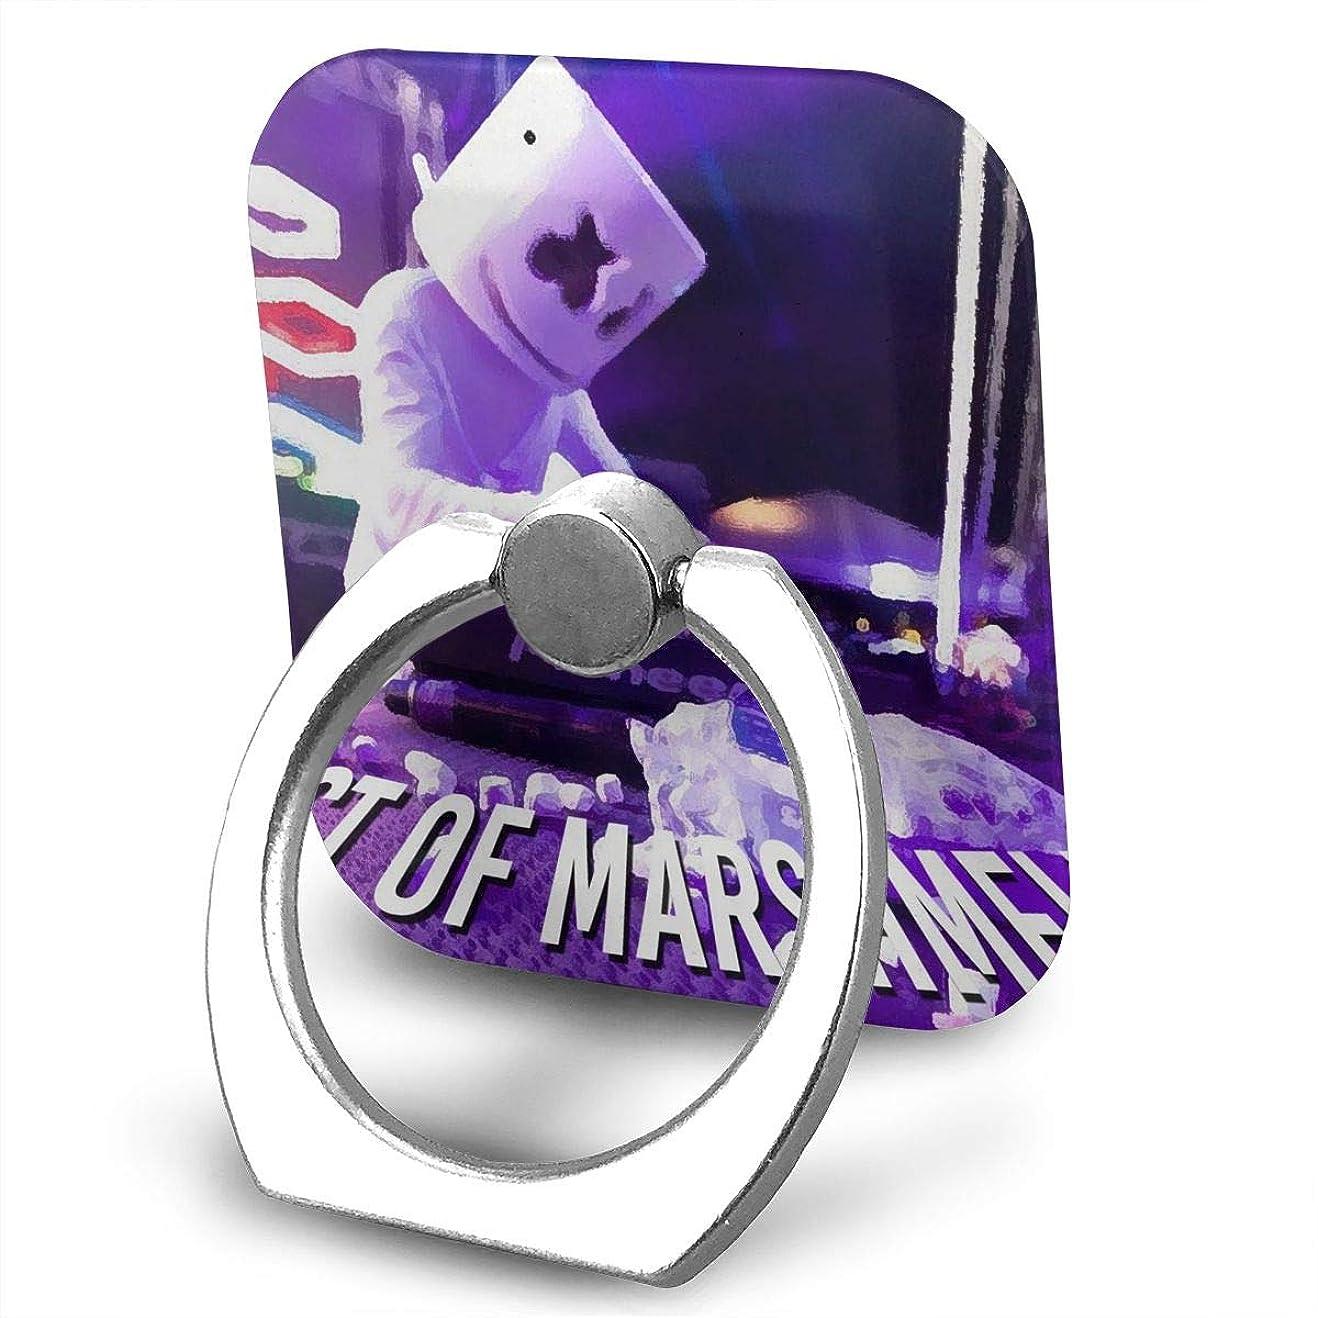 ロケット失礼成功したGreatayifong マシュメロ Marshmello バンカーリング スマホ リング 人気 ホールドリング 薄型 スタンド機能 ホルダー 落下防止 軽い 360 回転 IPhone/Android各種他対応 (シルバー)